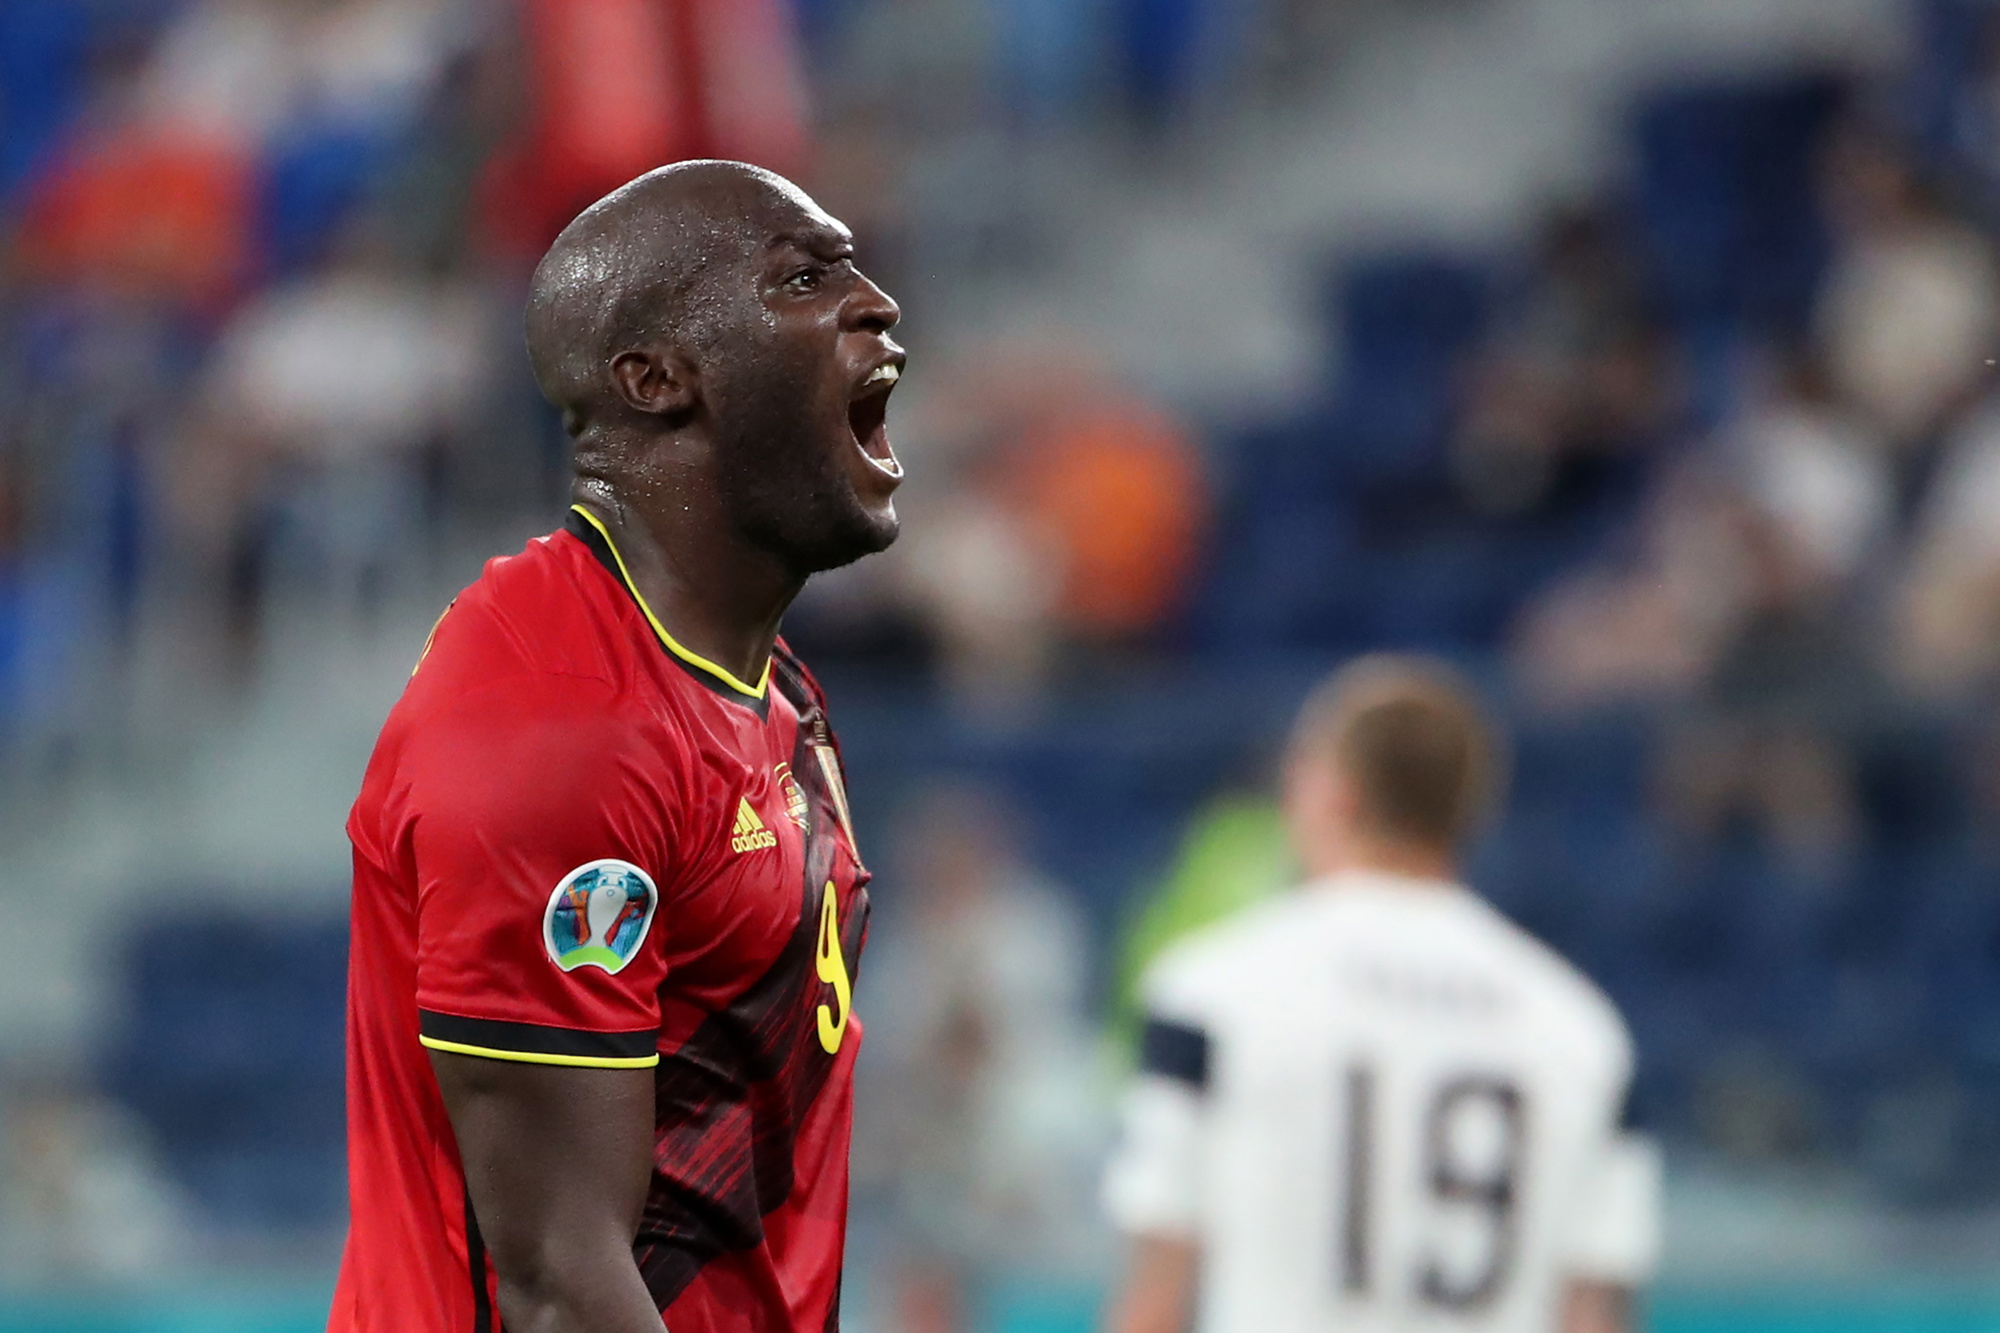 Romelu Lukaku scoorde 24 keer in de Italiaanse competitie, hem kennen ze dus bij de Squadra Azzurra., Belga Image